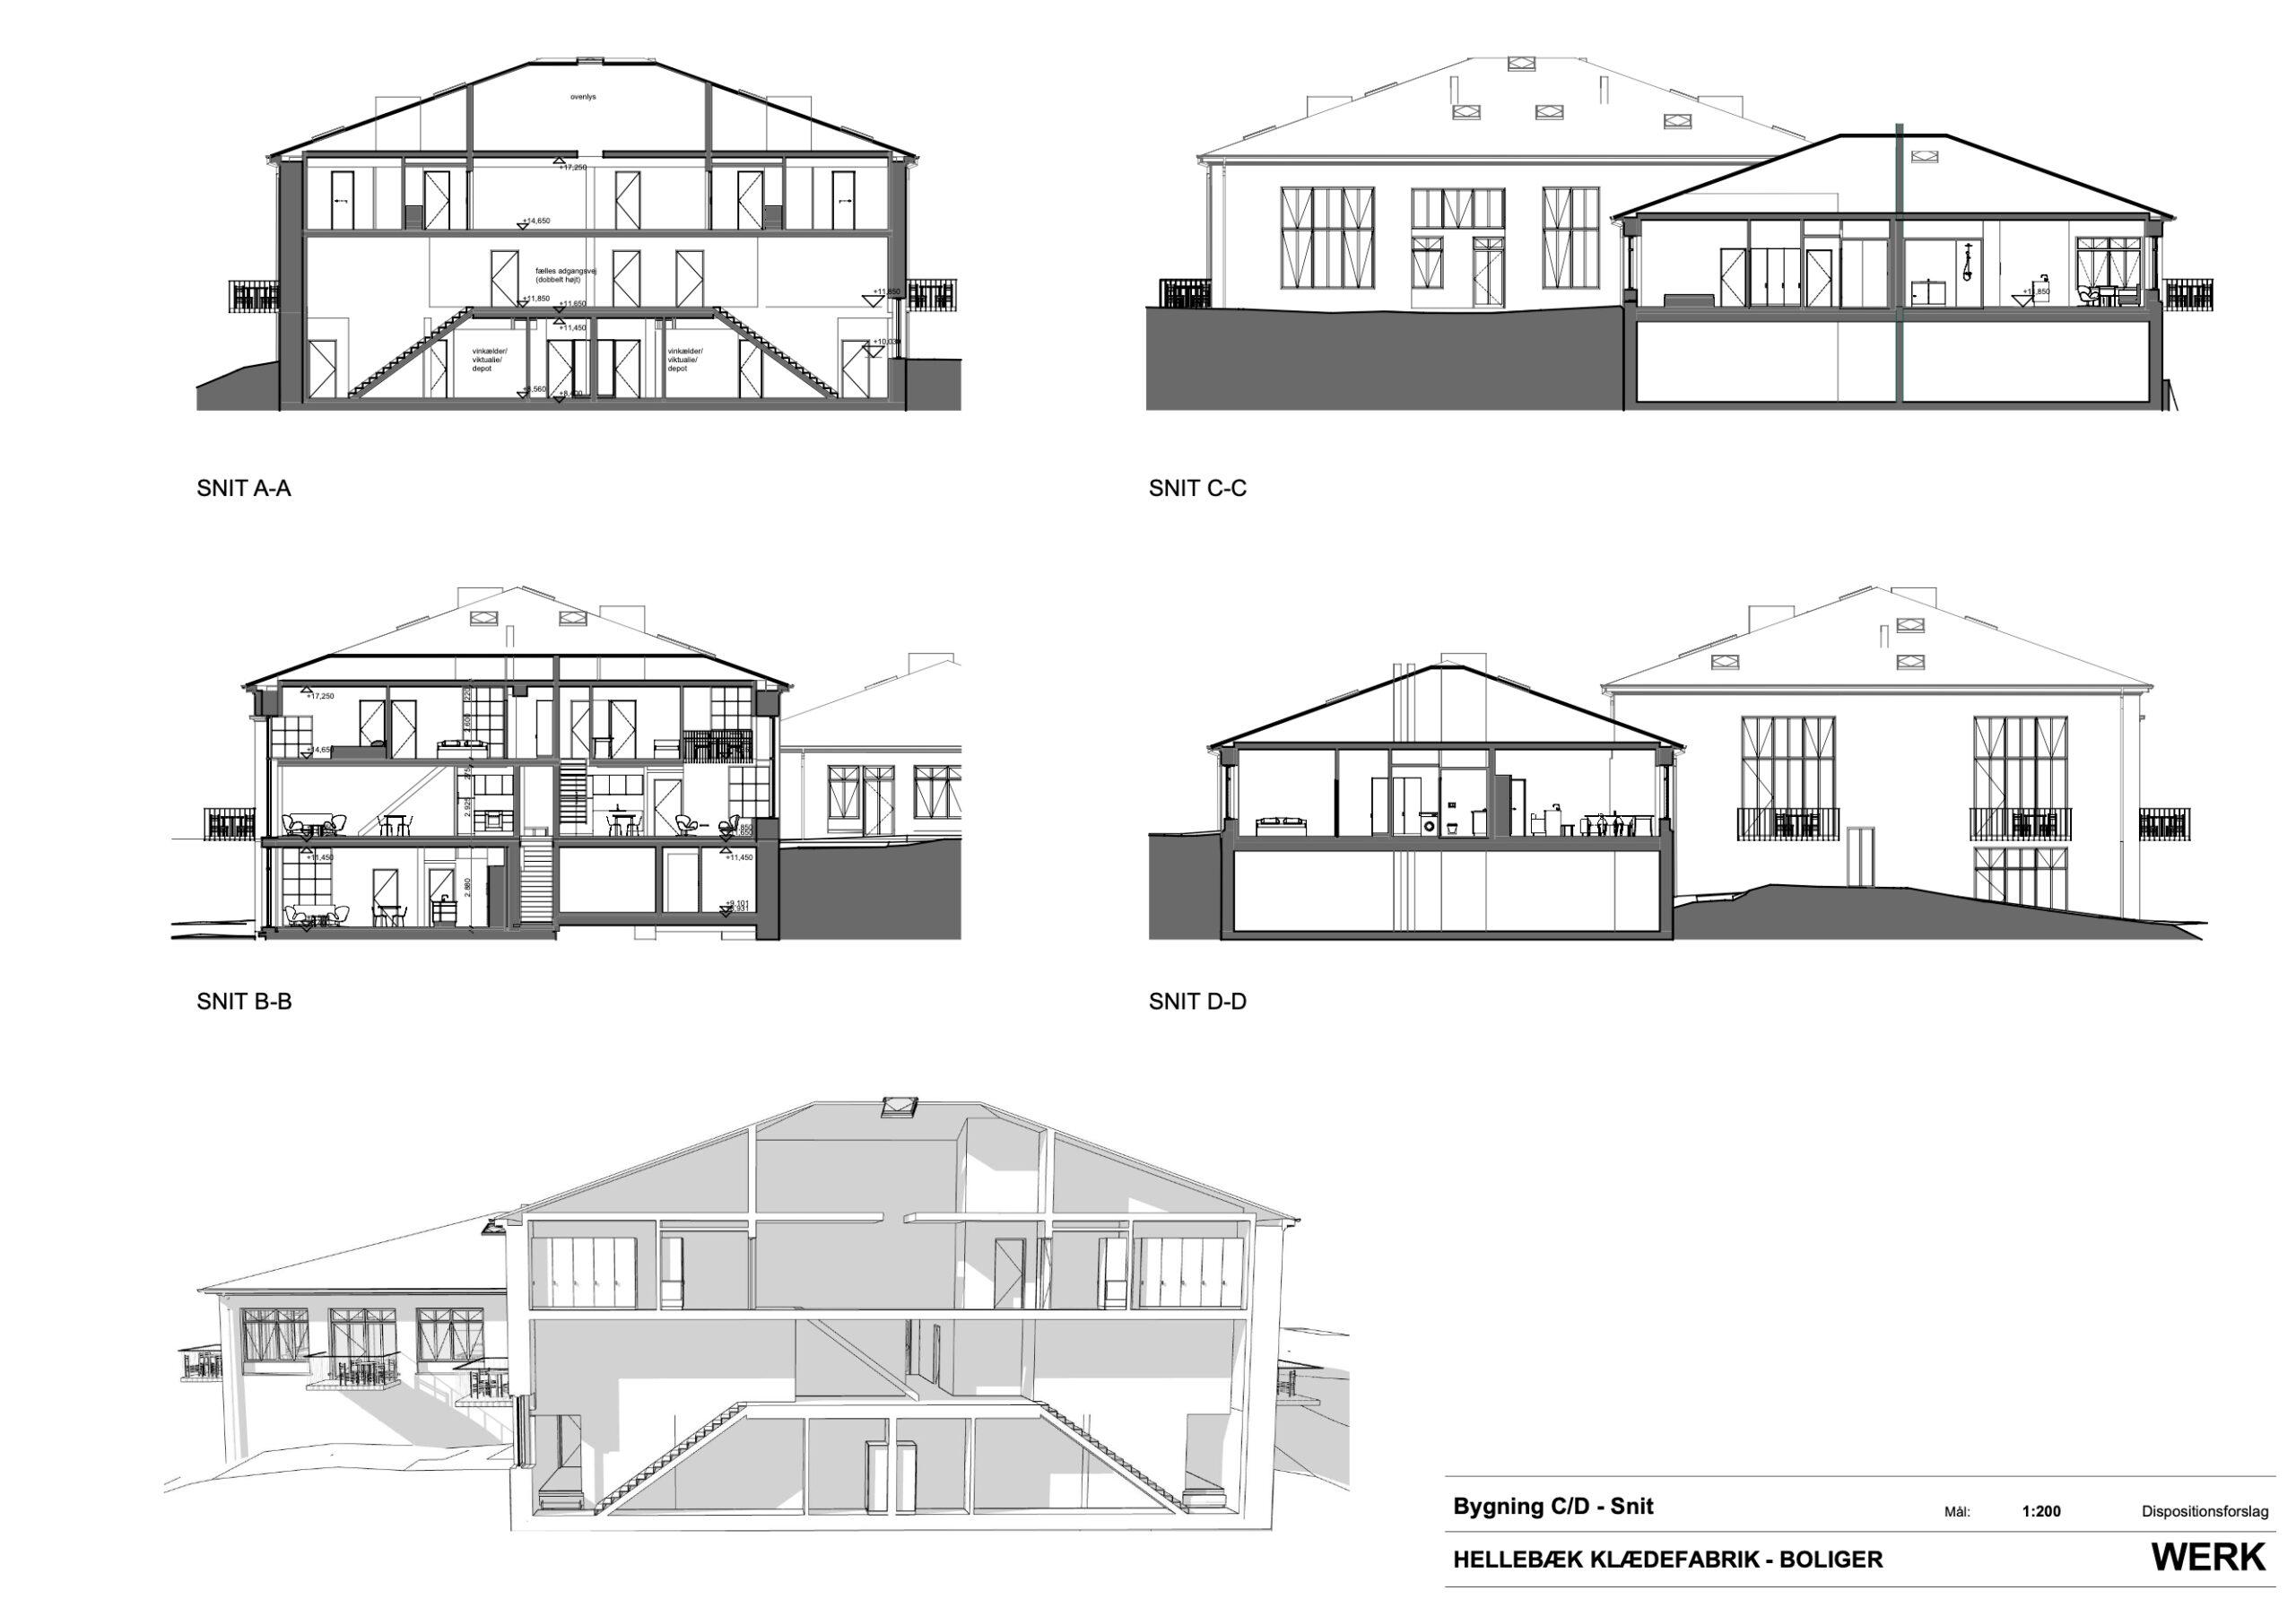 bygning-c-d-2